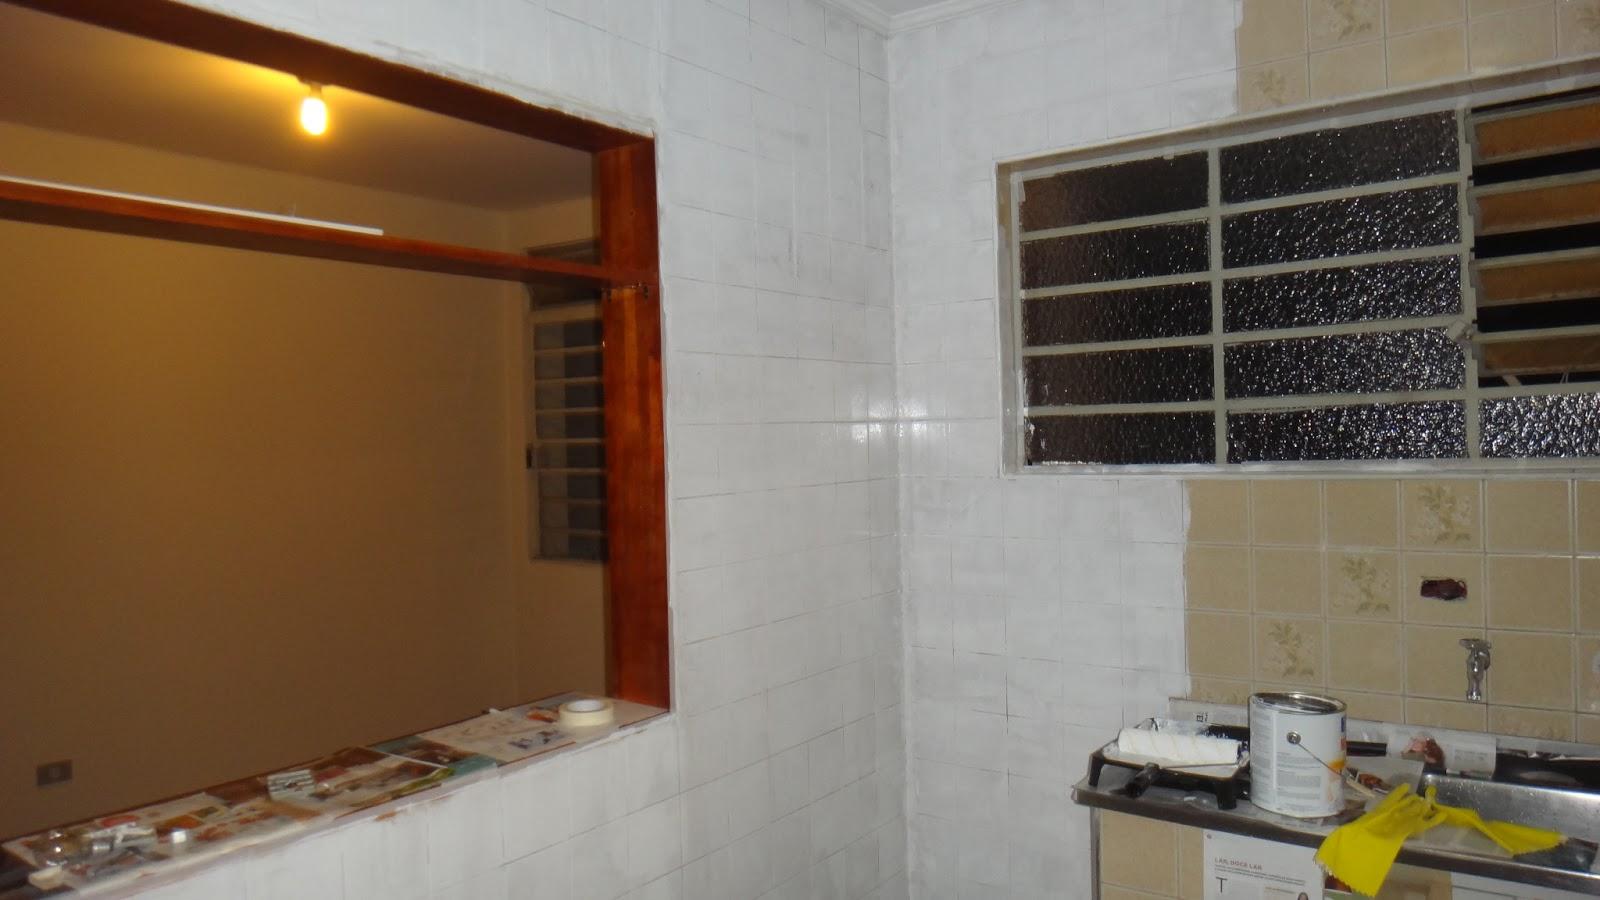 se esta casa fosse minha!?: SOS Cozinha! Pintando azulejos  #B0841B 1600x900 Banheiro Azulejo Ou Tinta